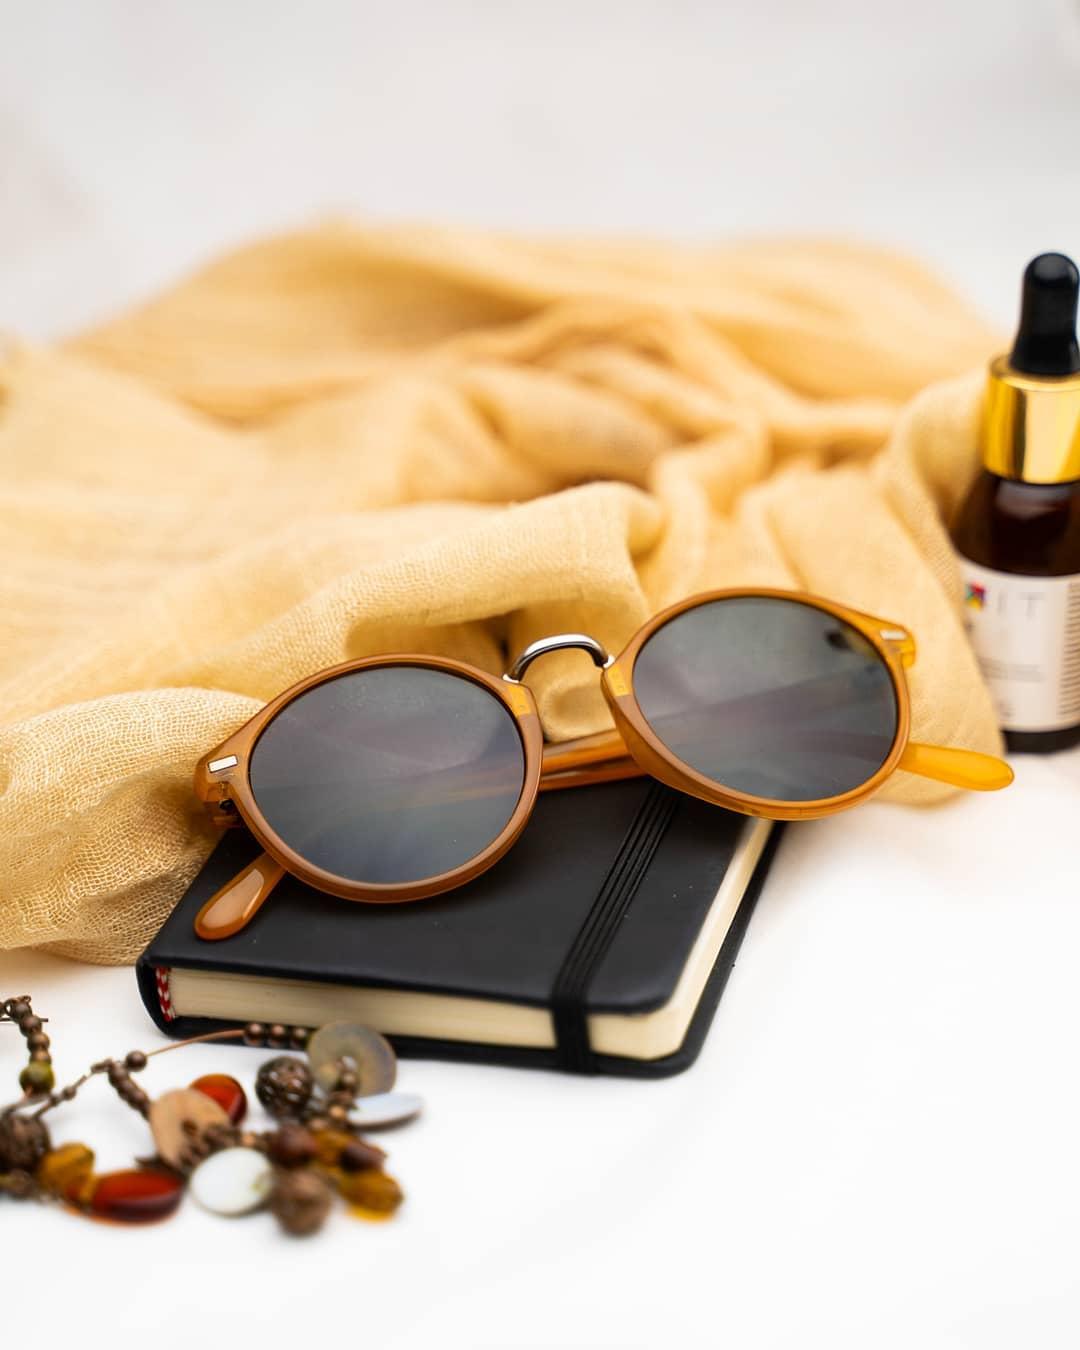 Hledáte trendy sluneční brýle, které budou zároveň šetrné k životnímu prostředí? V tom případě je nová #Meller Bio-based kolekce pro vás to pravé! . . . . #slunecnibryle #vasecocky #biobased #sunglasses #sunglassesfashion #sunglasseslover #sunglassestrends #sunnies #fashioneyewear #fashioninspiration